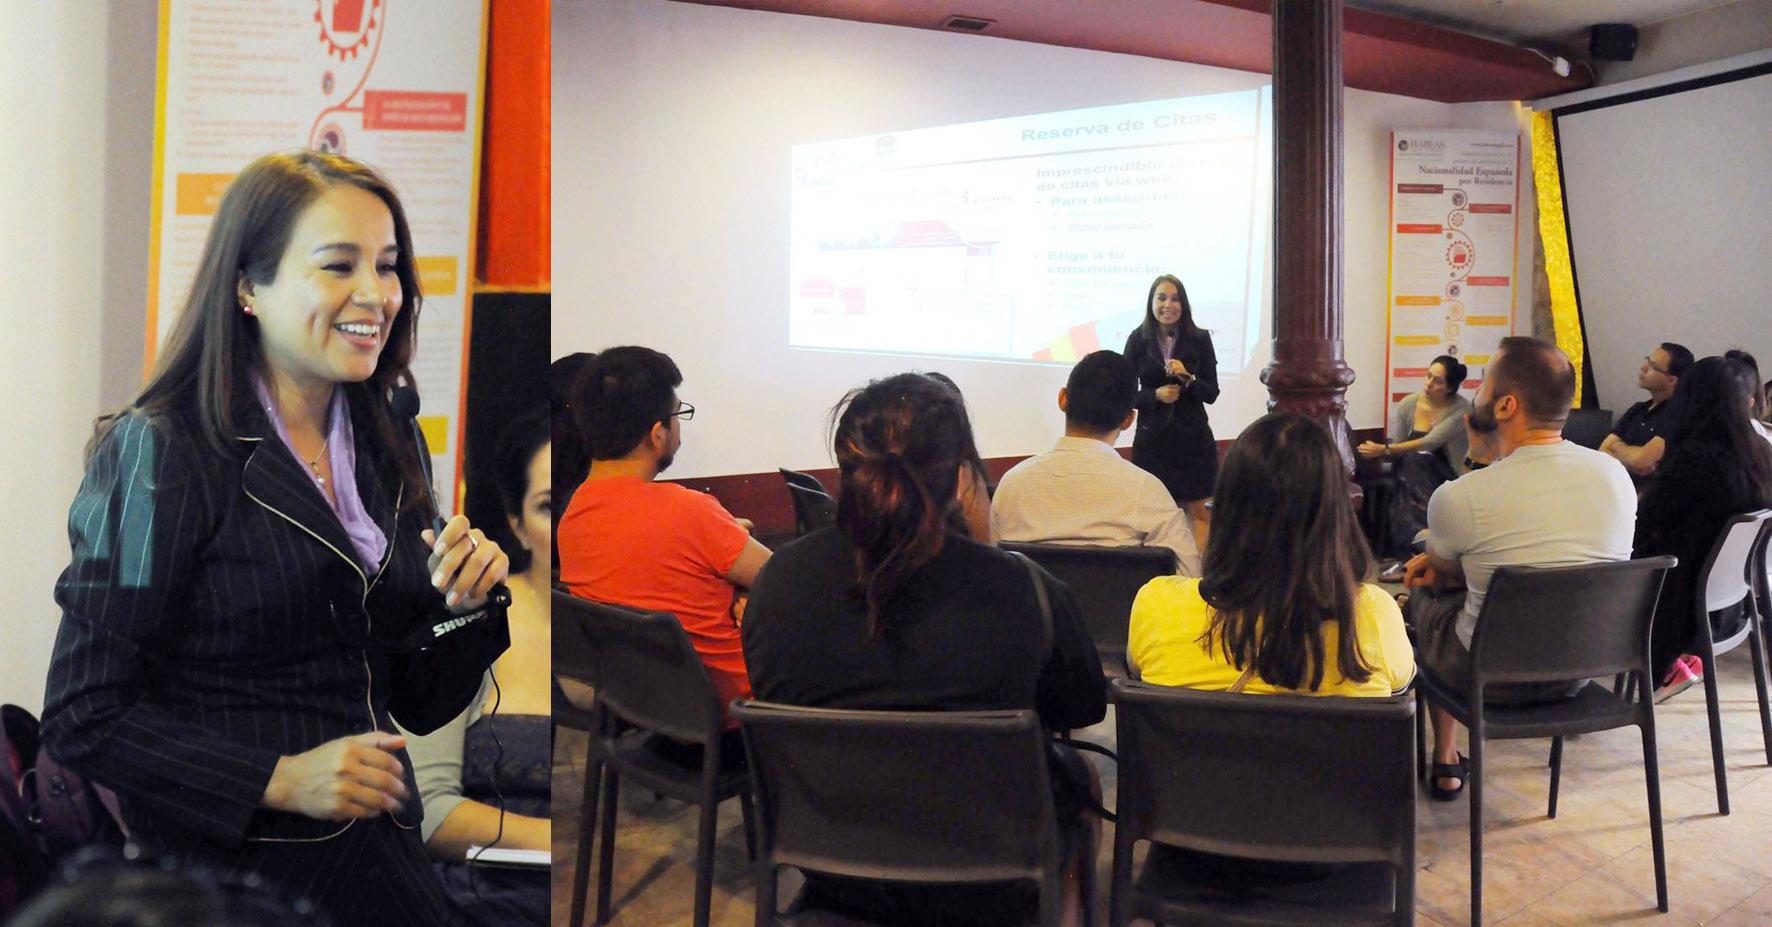 sesiones madrid - En Habeas Legal, agradecemos tu asistencia a las sesiones informativas en Madrid